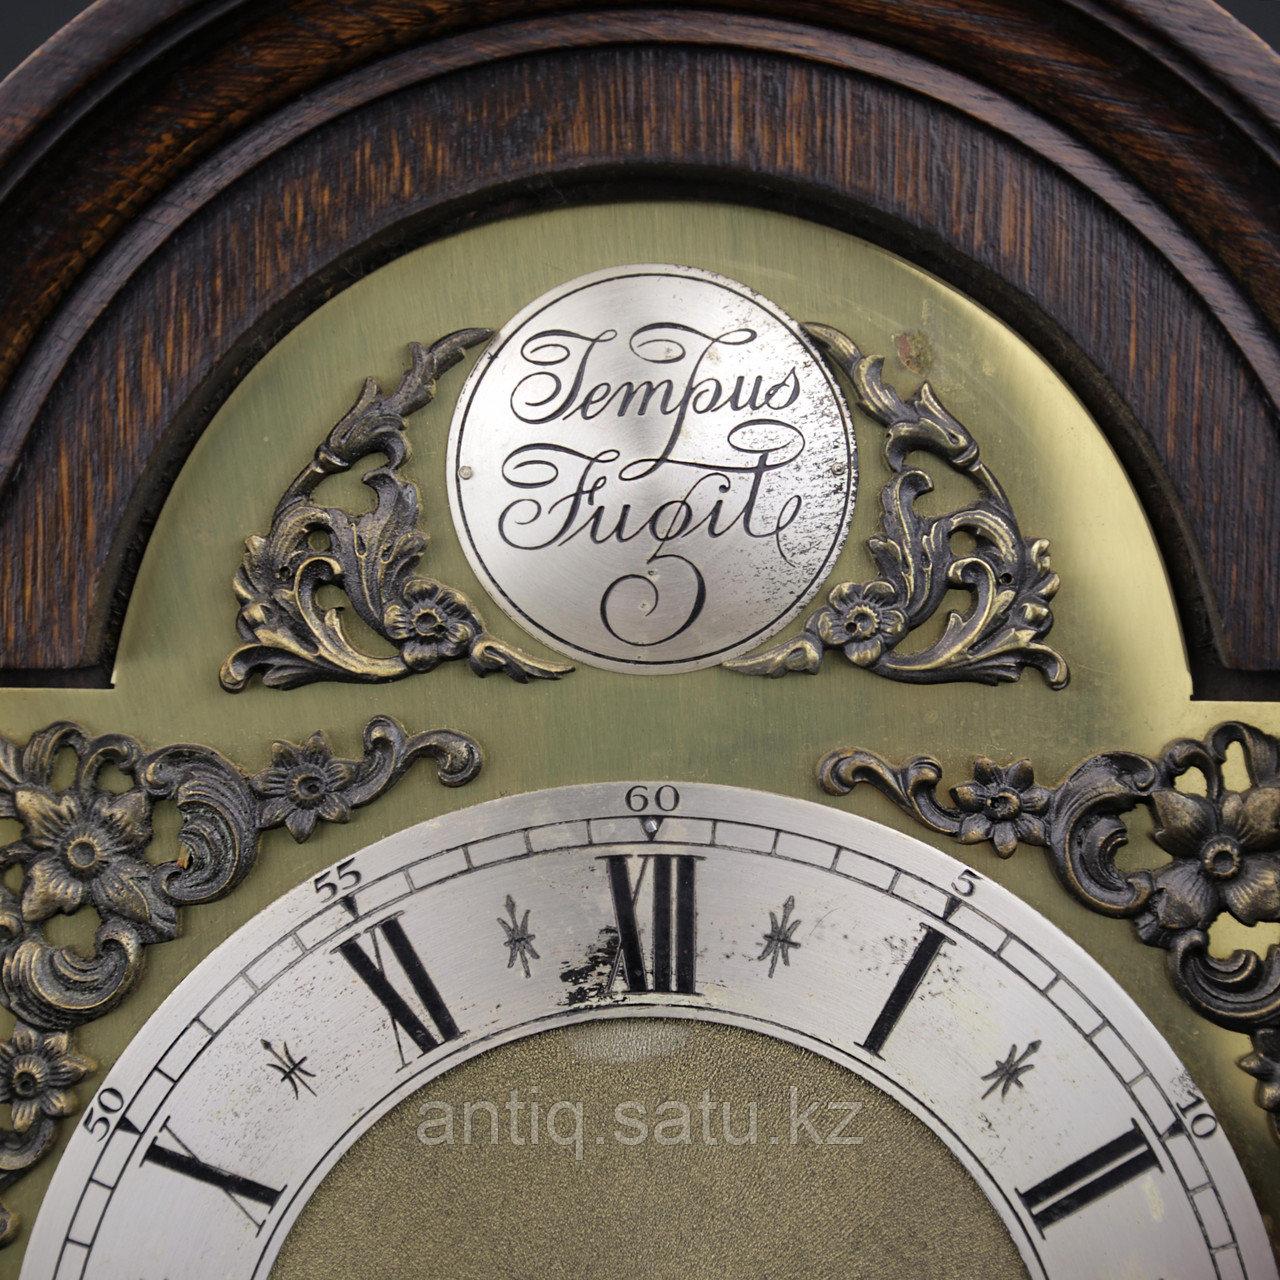 Настольные голландские часы с лунным календарем. Часовая мастерская Junghans. - фото 5